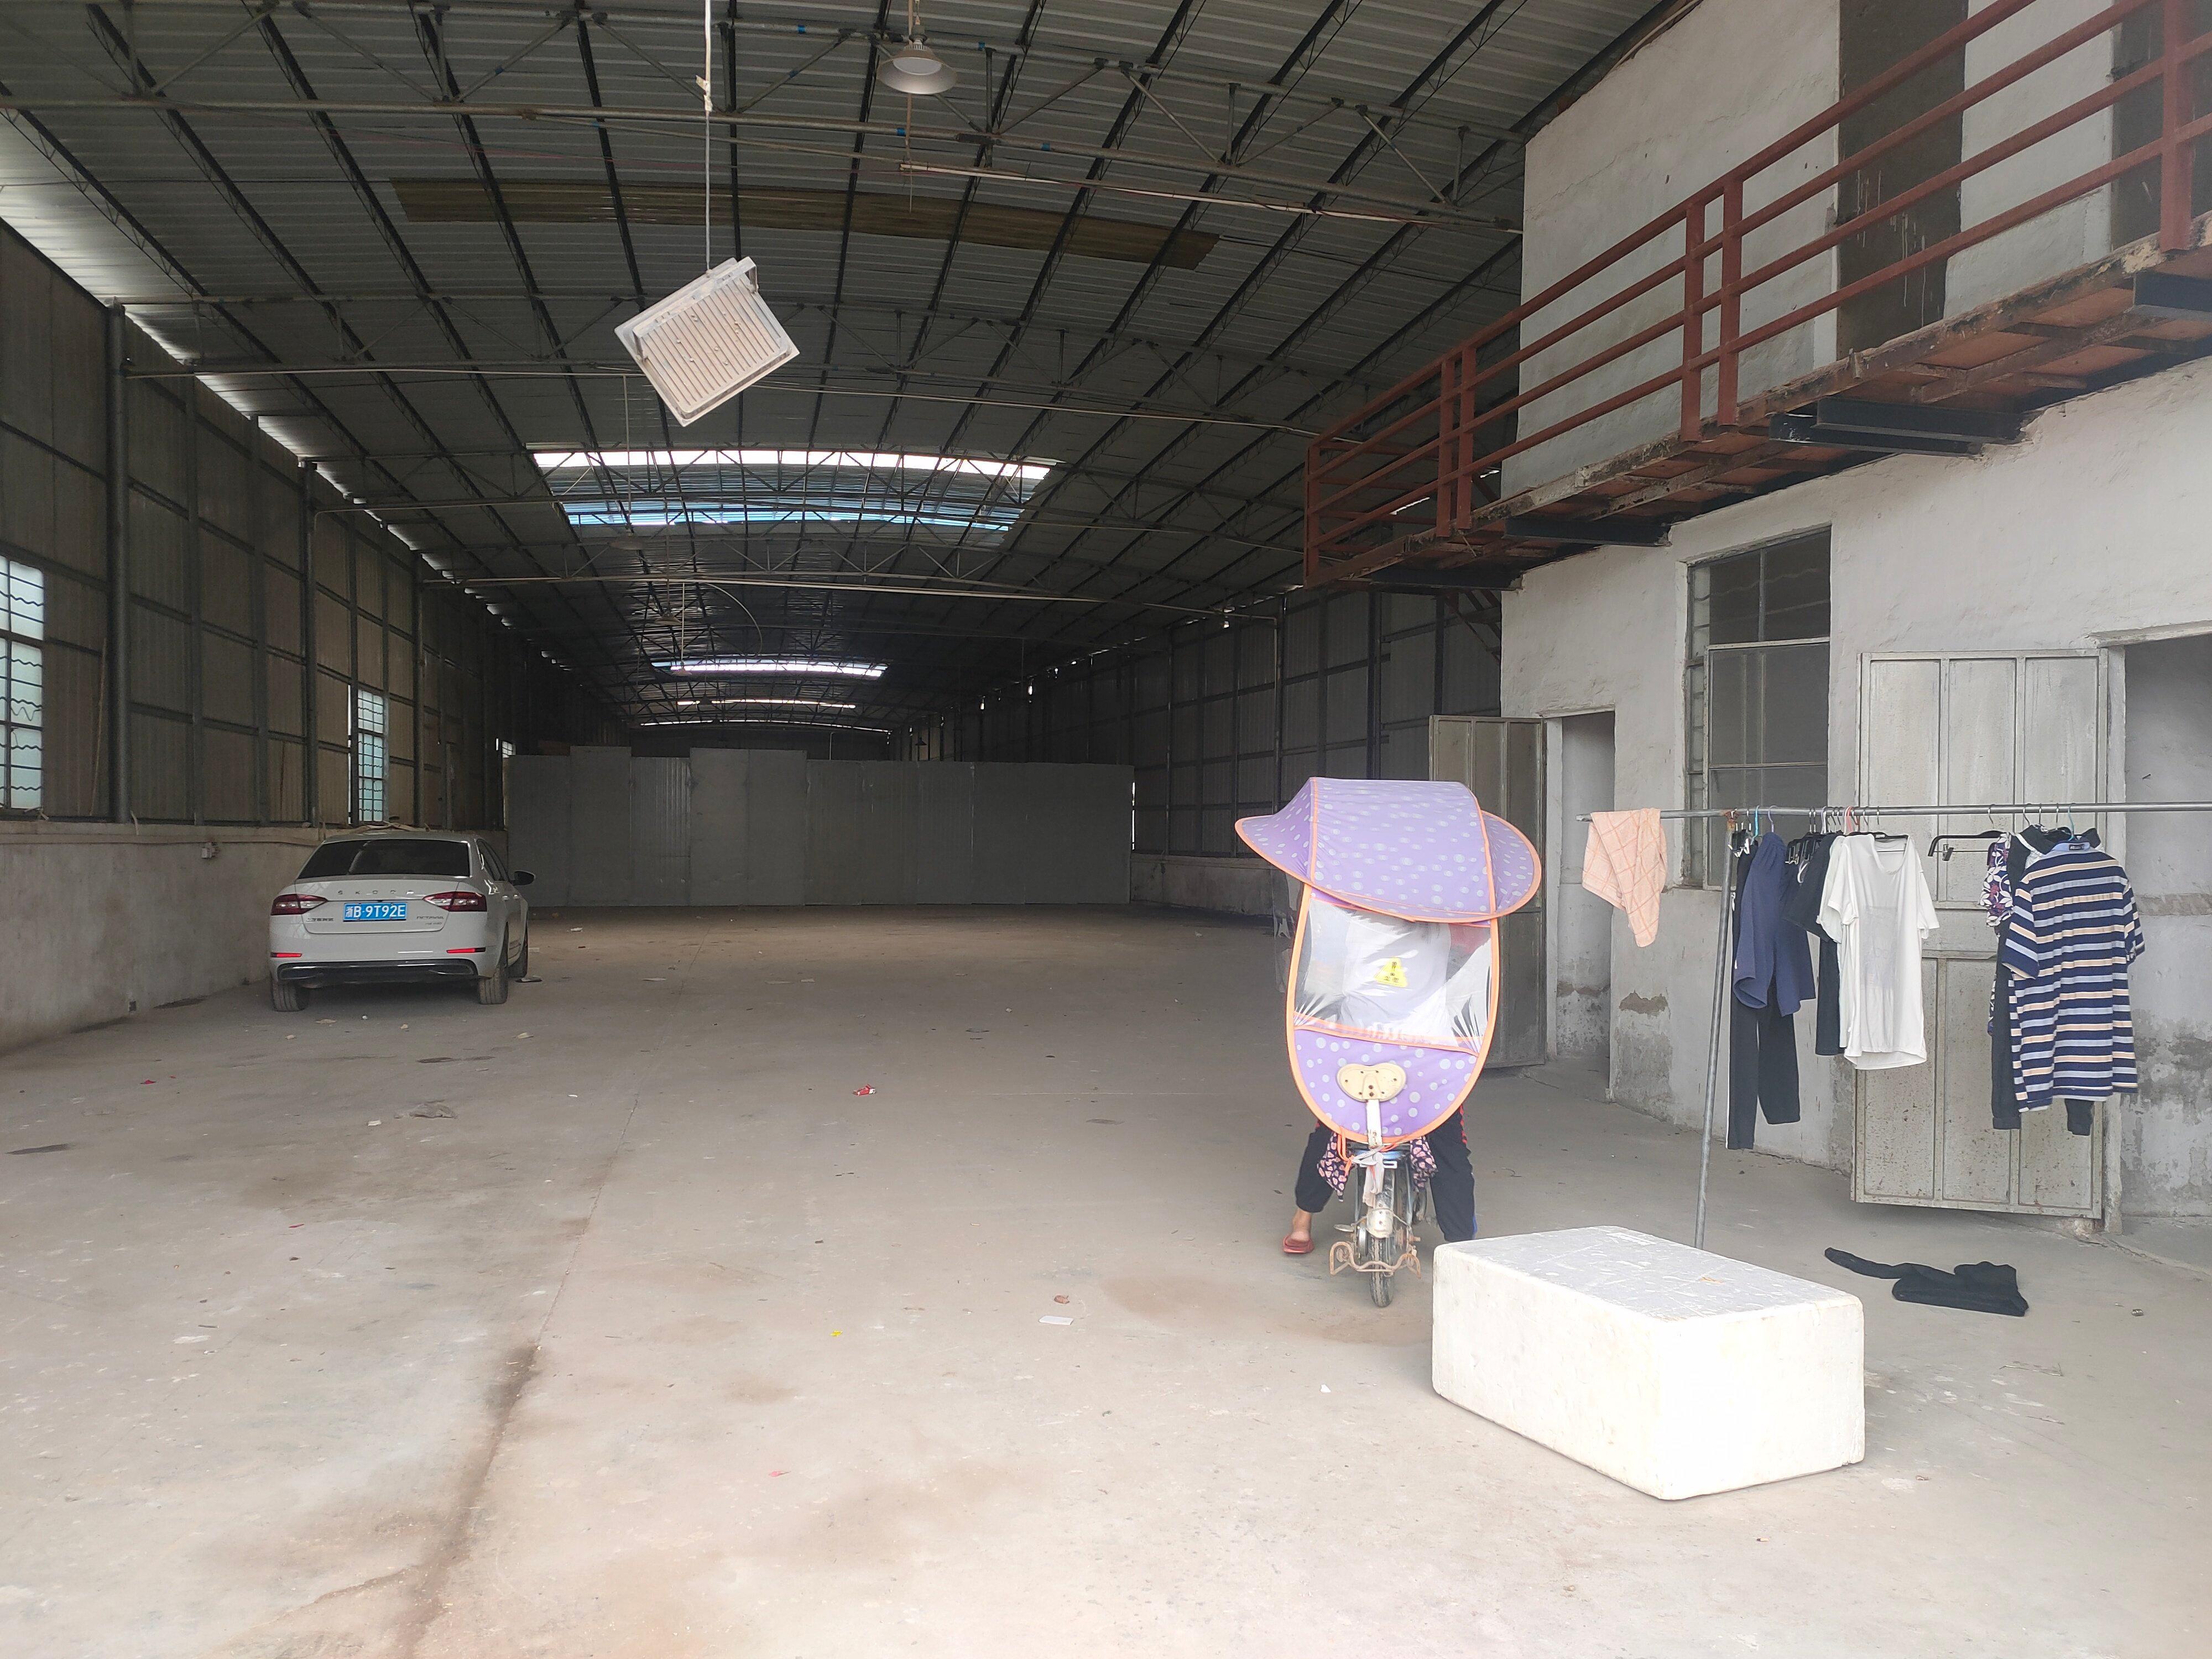 太和105国道边高速路口附近工业园区新出单一层厂房仓库出租。